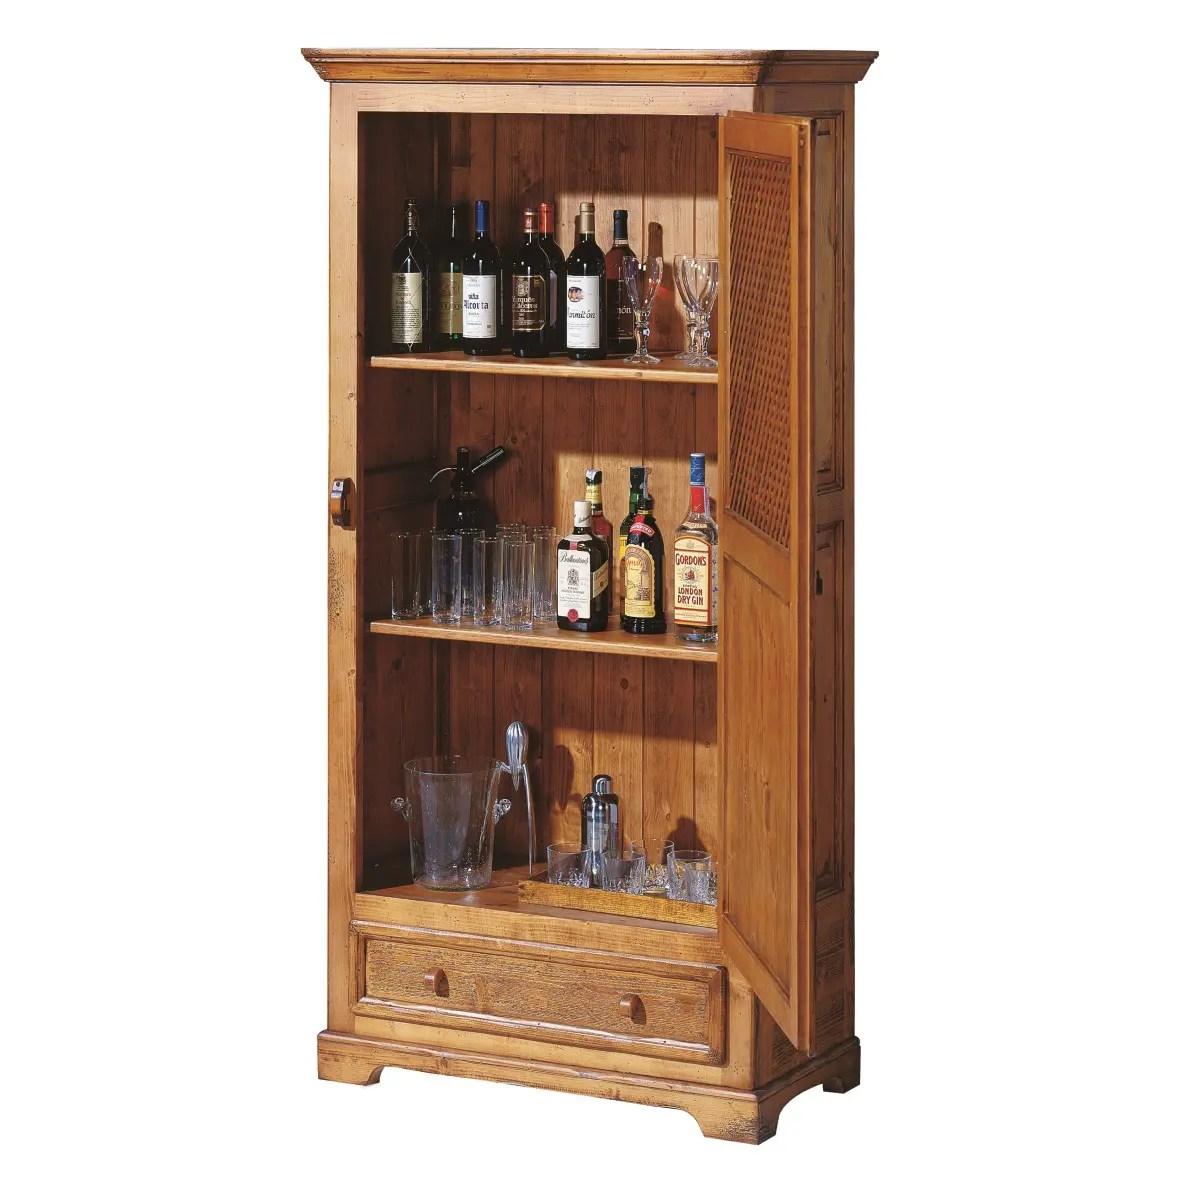 Armario recibidor rstico de madera Ecorstico venta de muebles